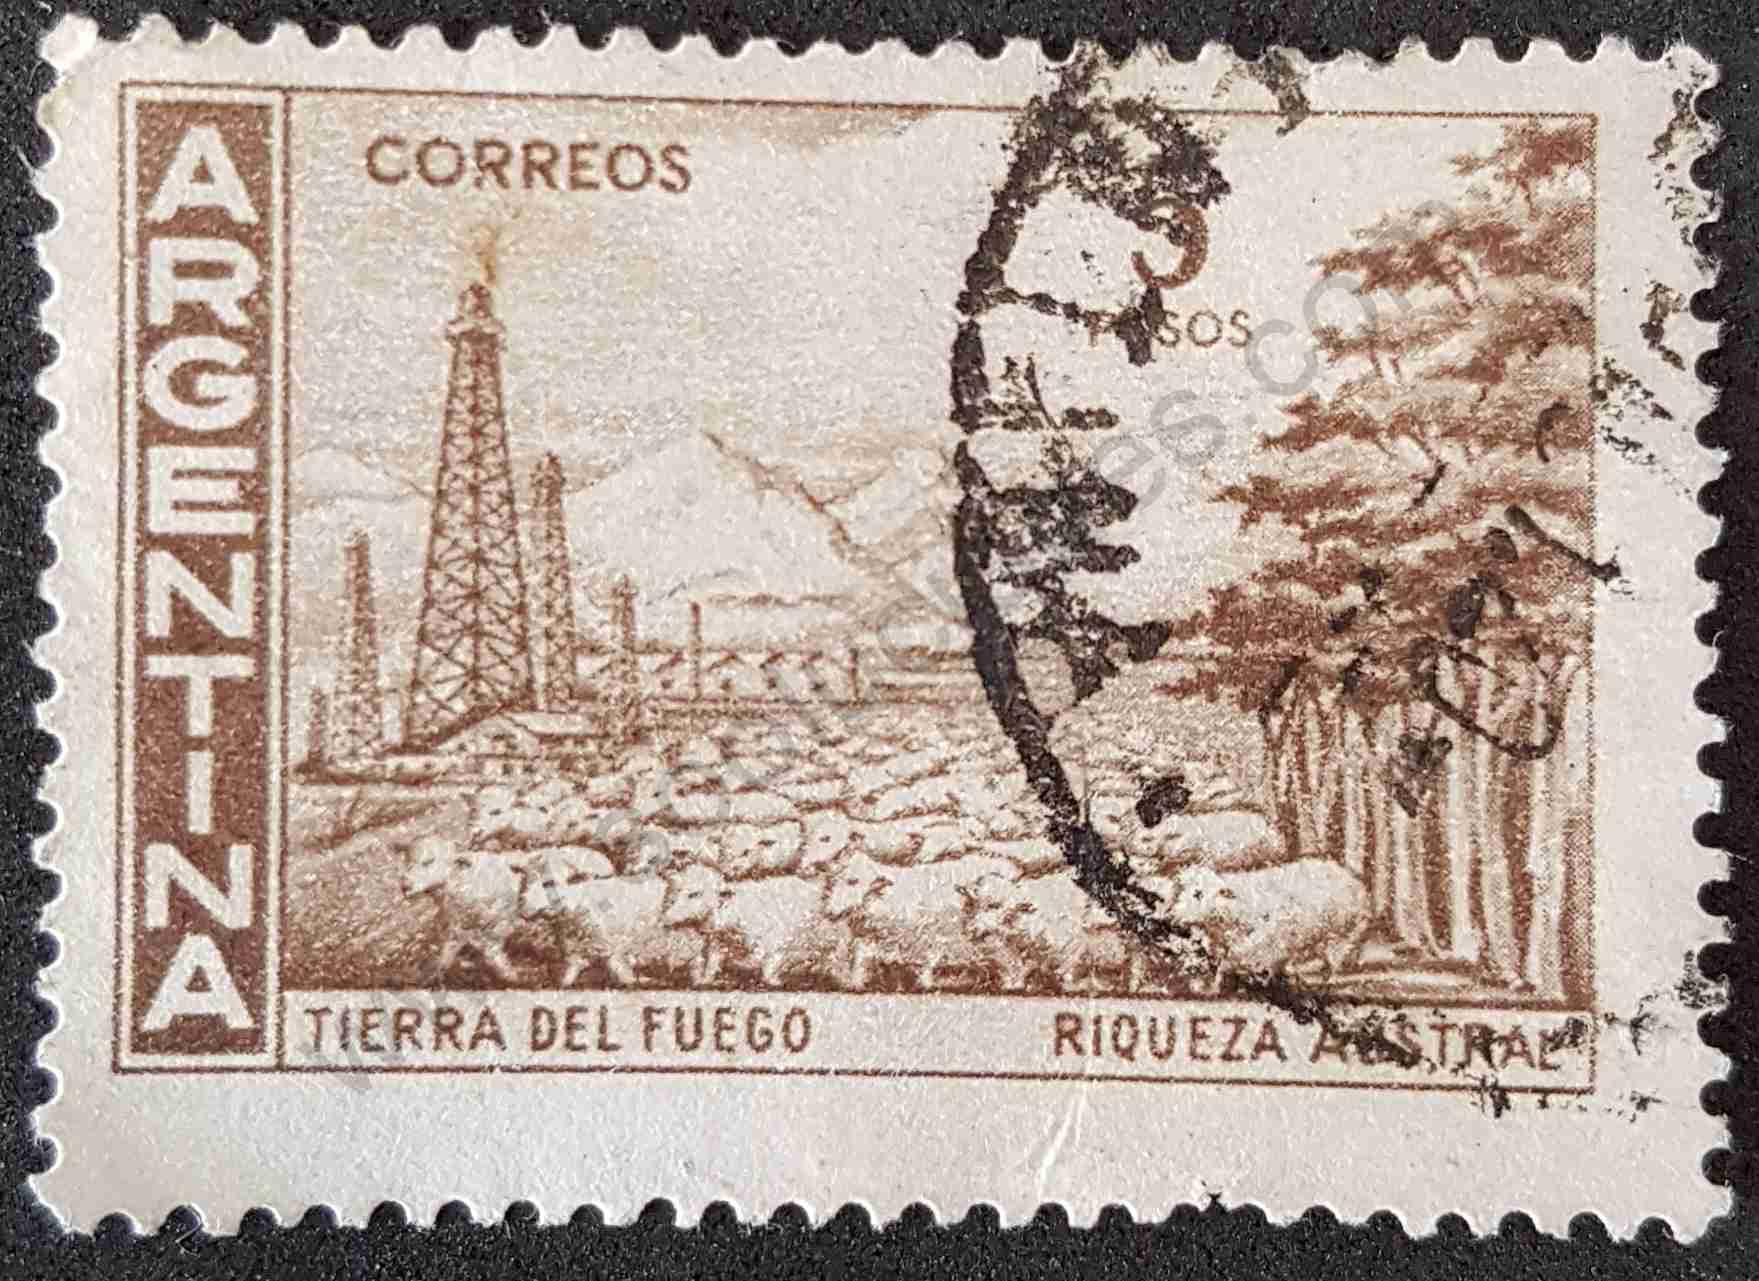 Tierra del Fuego - Sello Argentina 1959